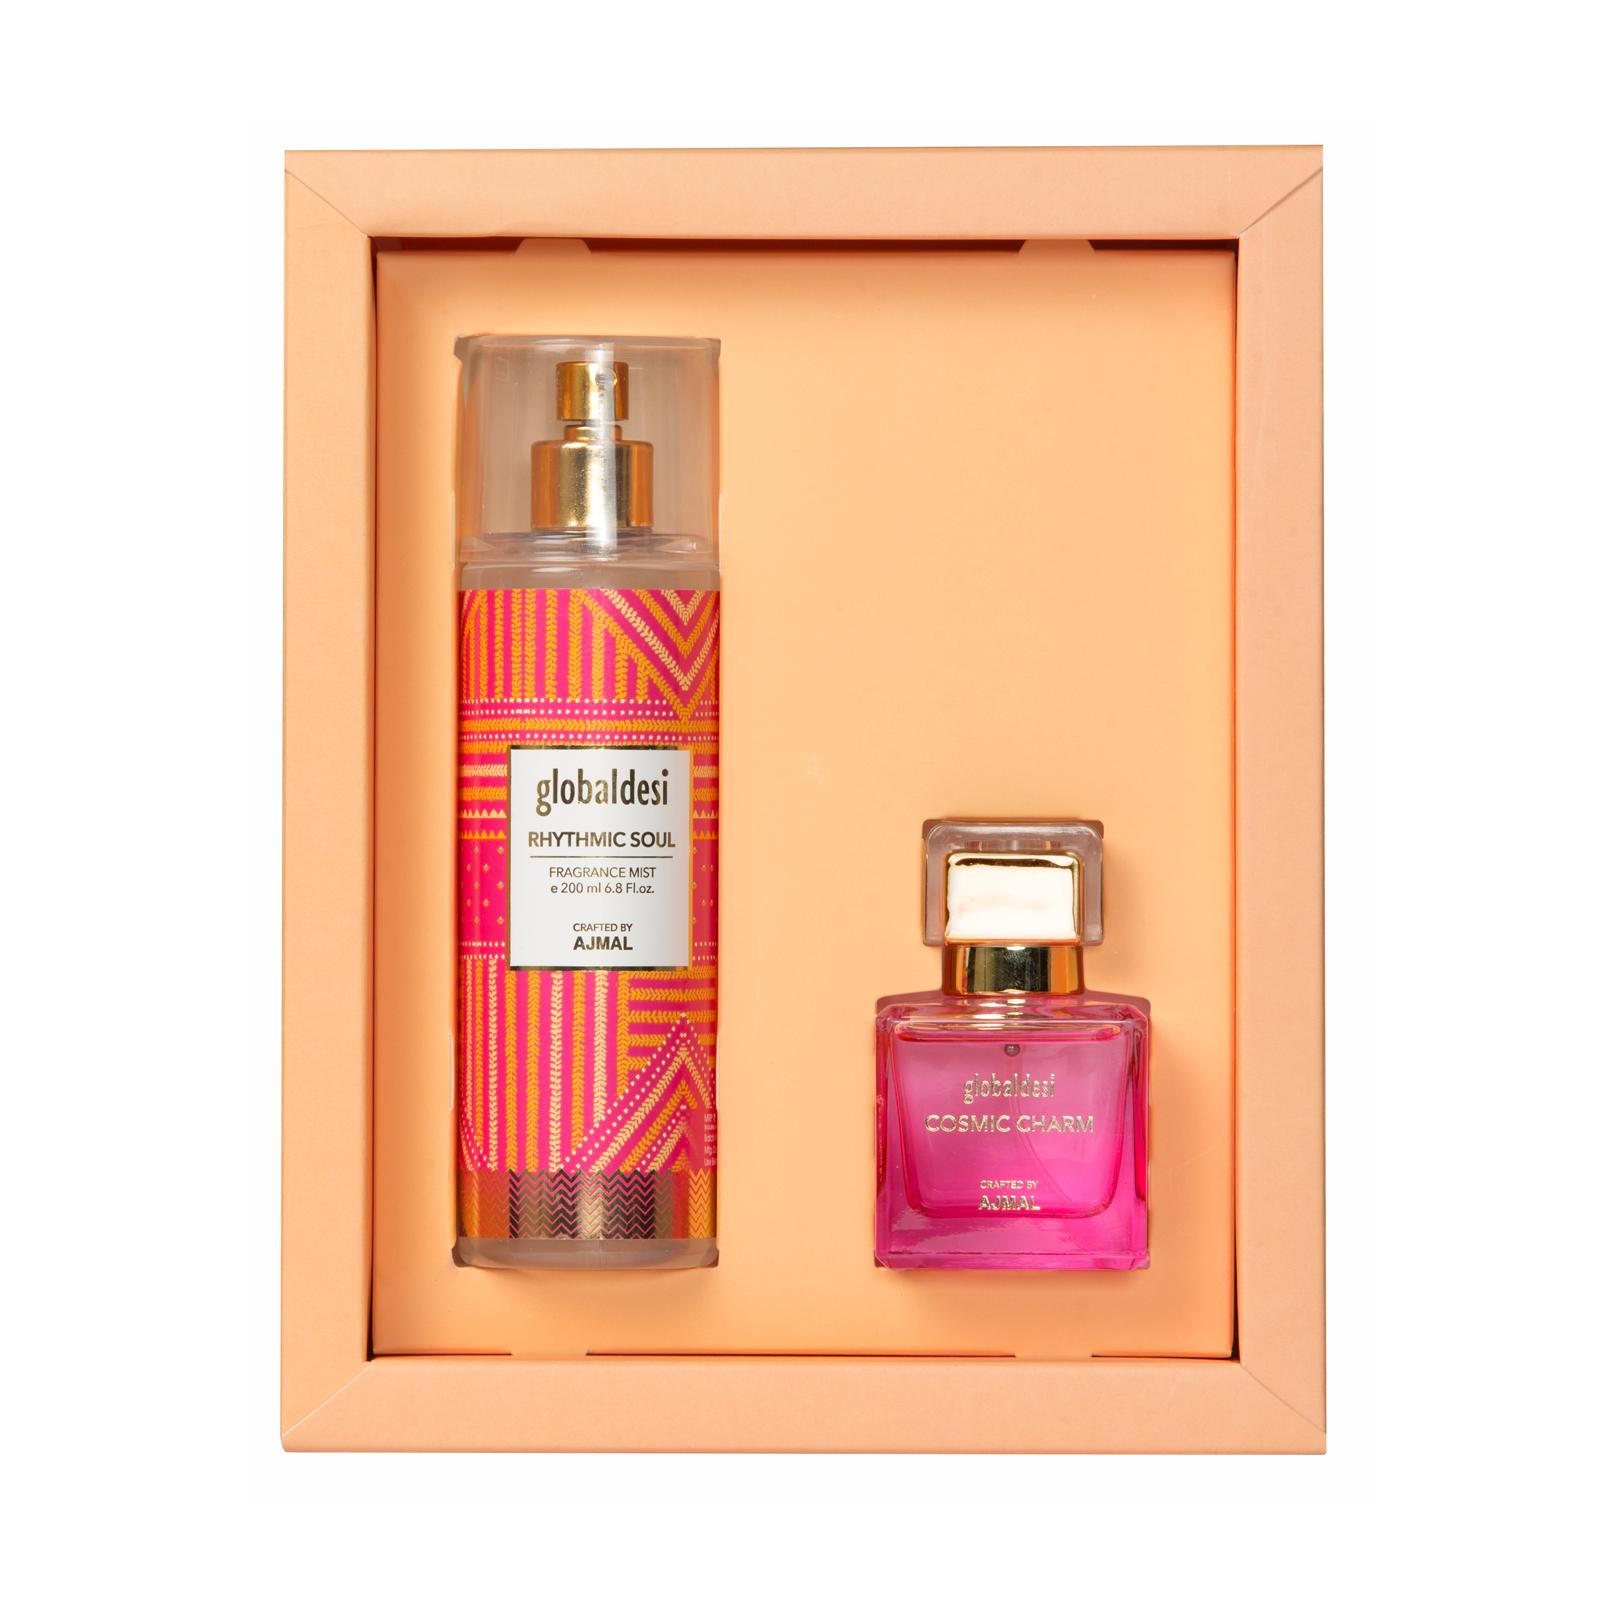 Global Desi Crafted By Ajmal | Global Desi Cosmic Charm Eau De Parfum 50ML & Rhythmic Soul Body Mist 200ML for Women Crafted by Ajmal